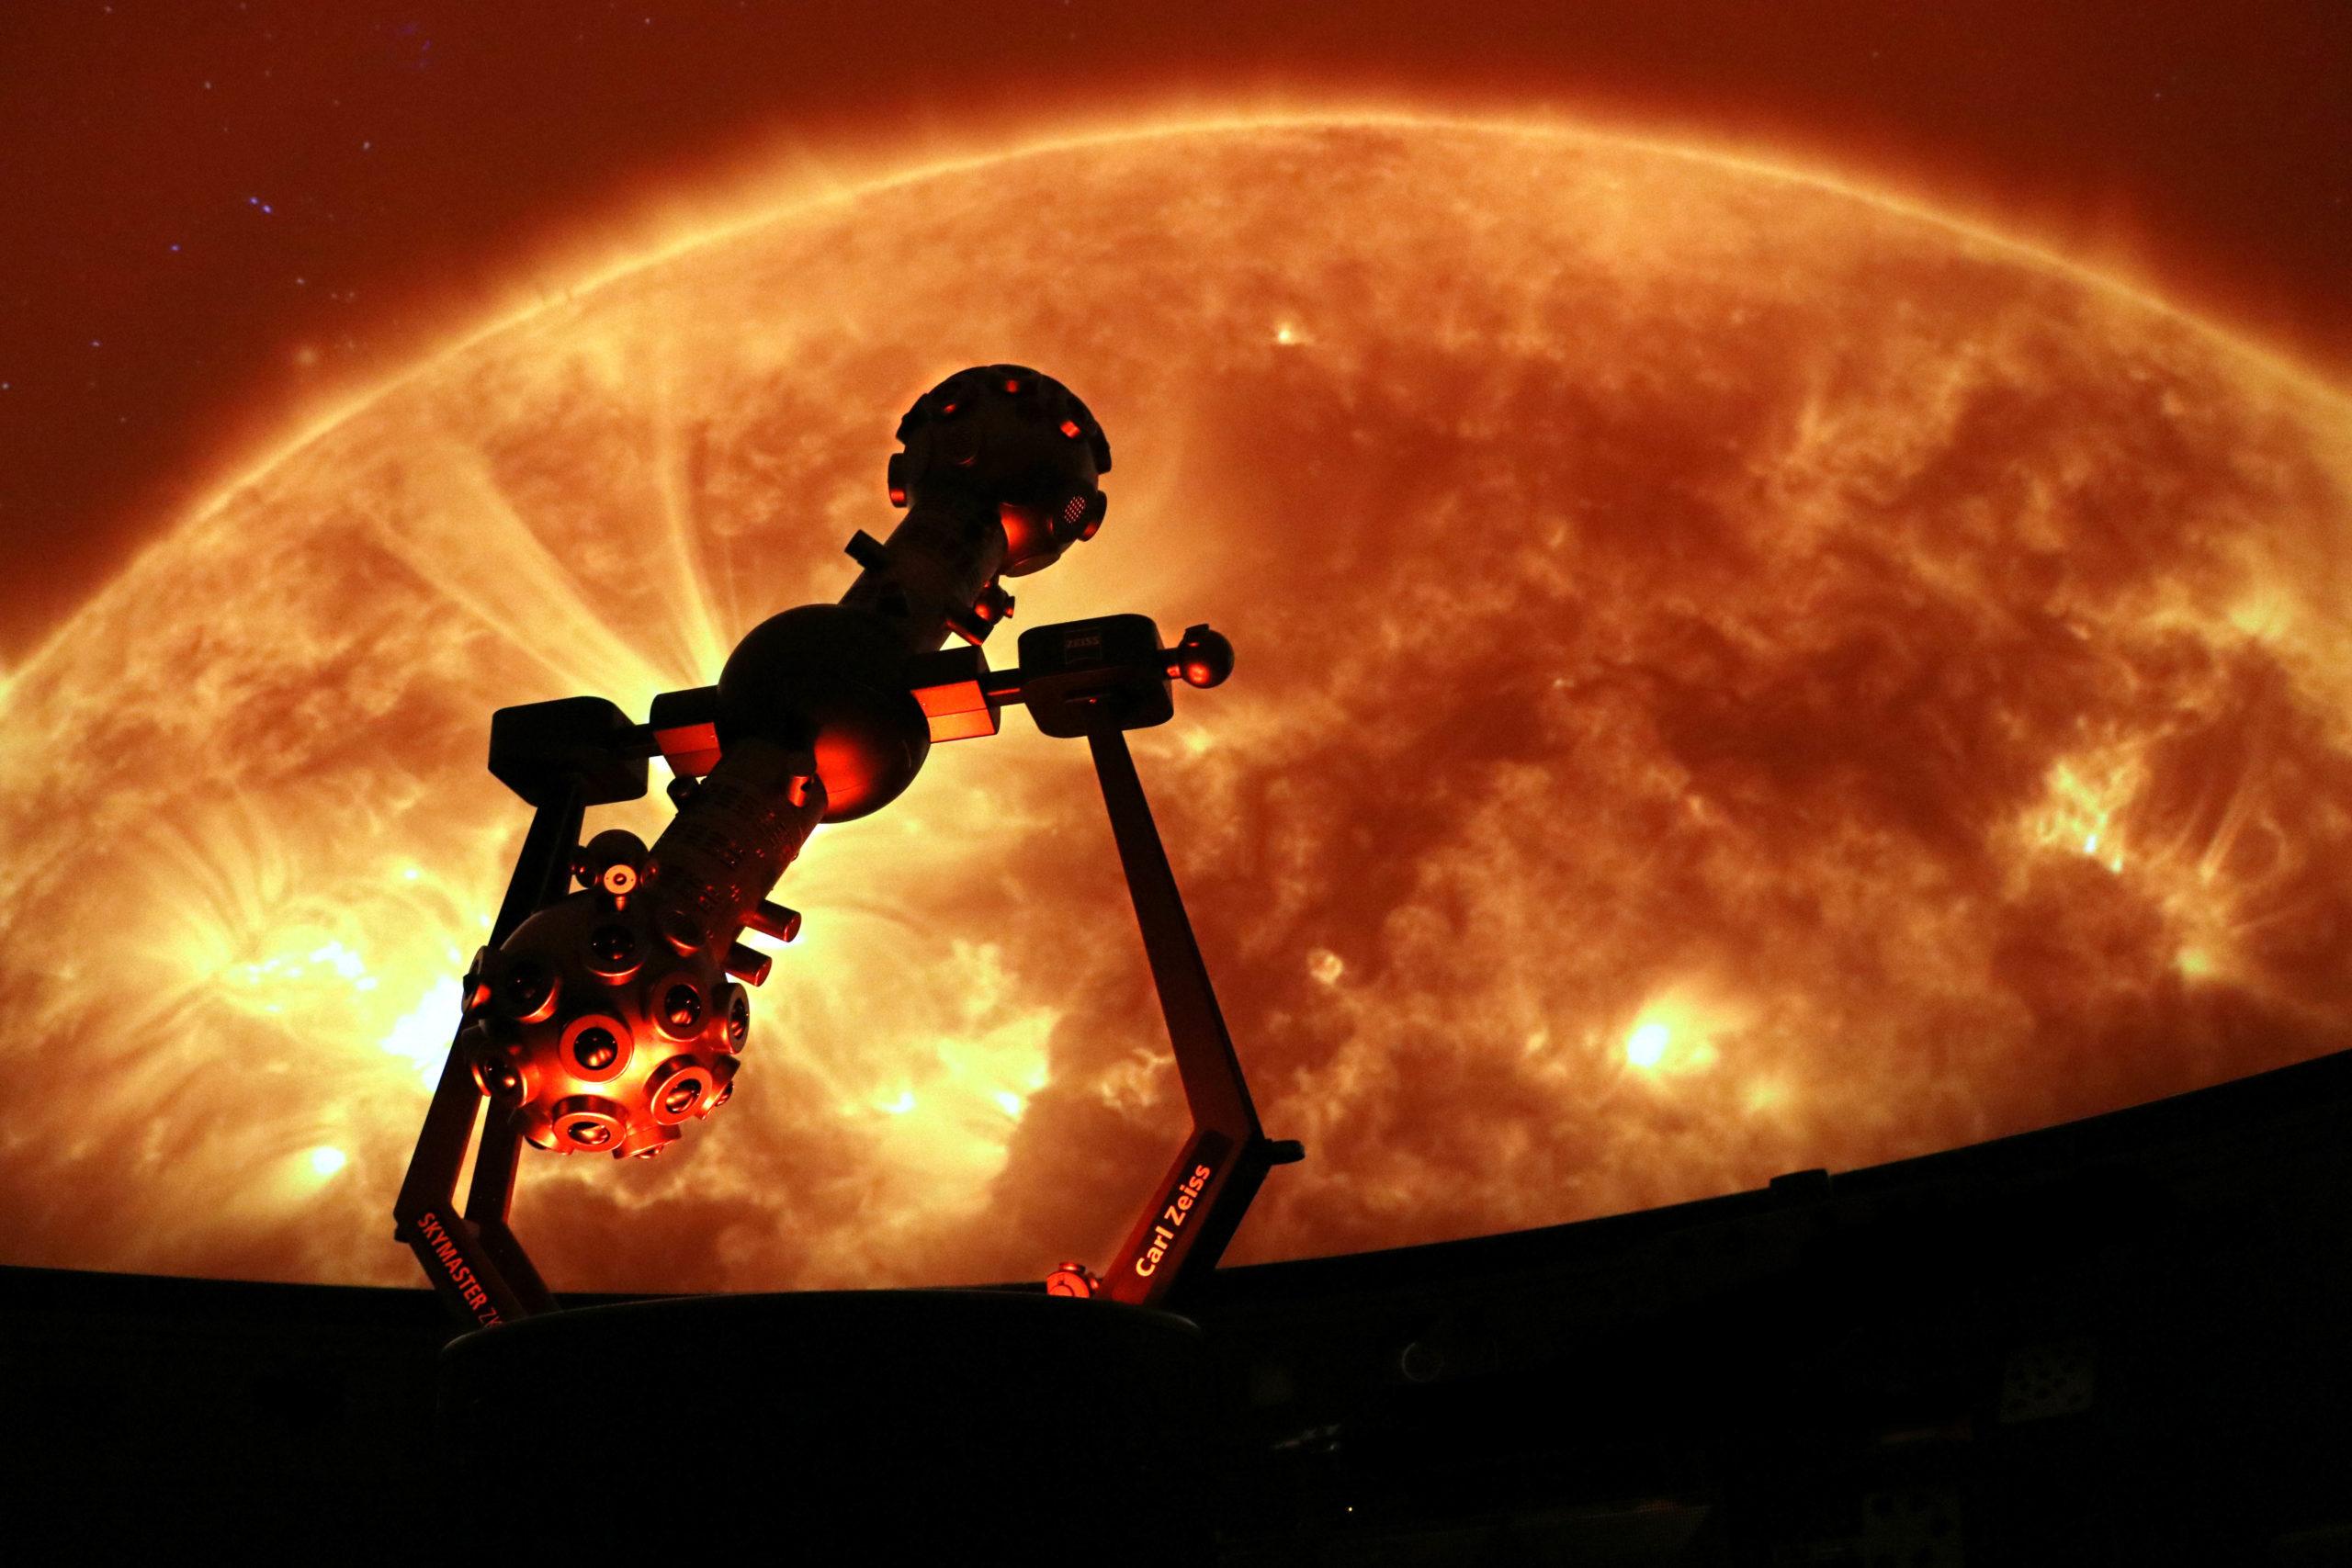 Die Sonne - Unser lebendiger Stern